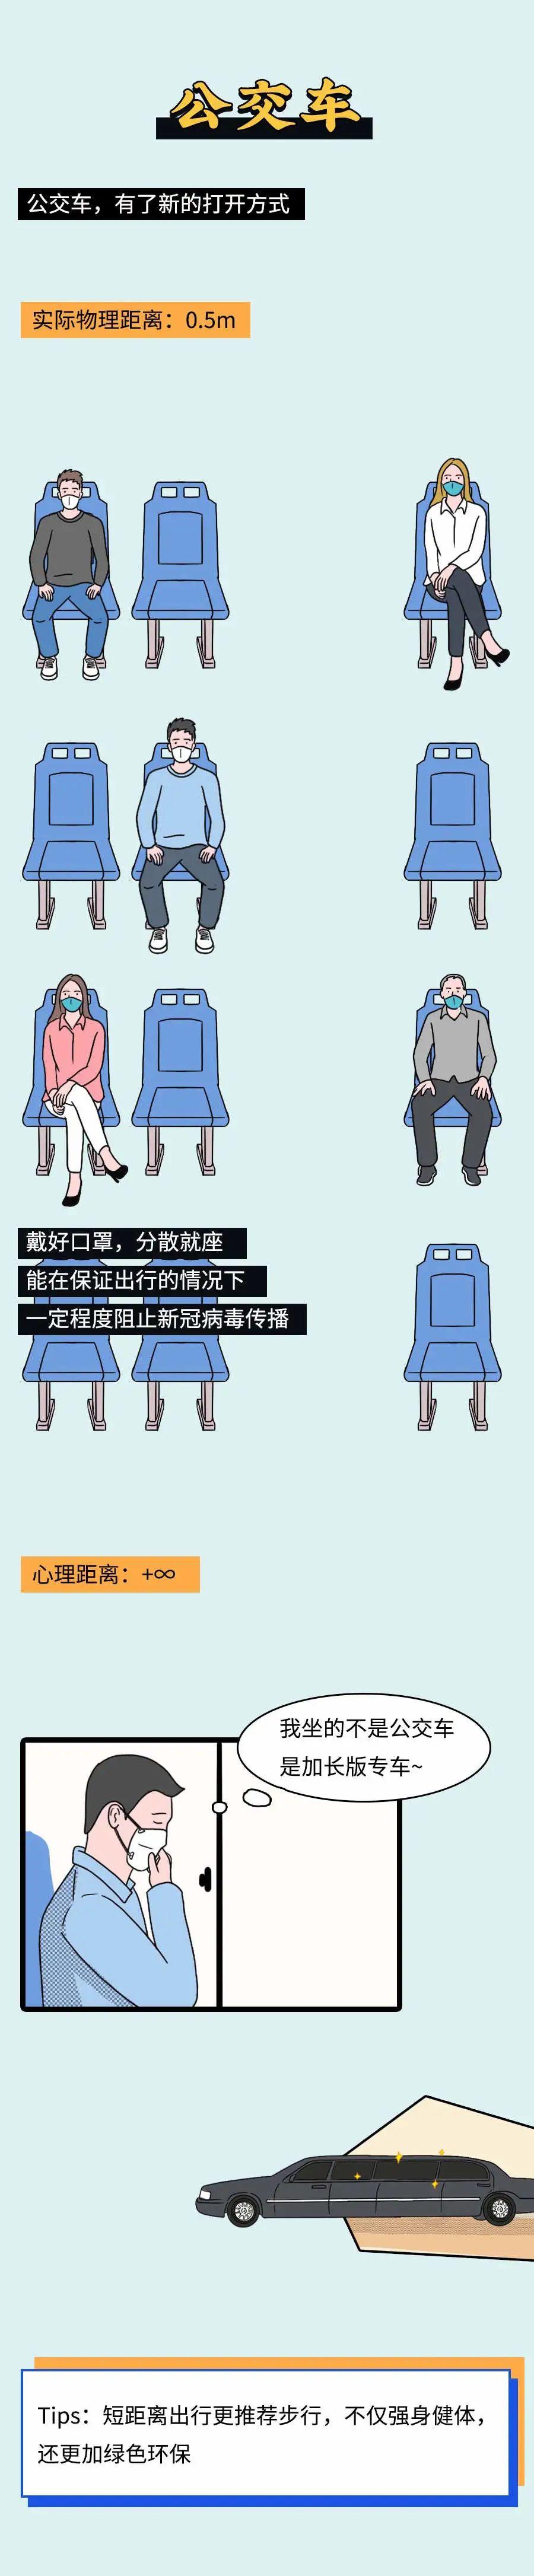 袁咏仪杂志大片被网友吐槽尽显老态